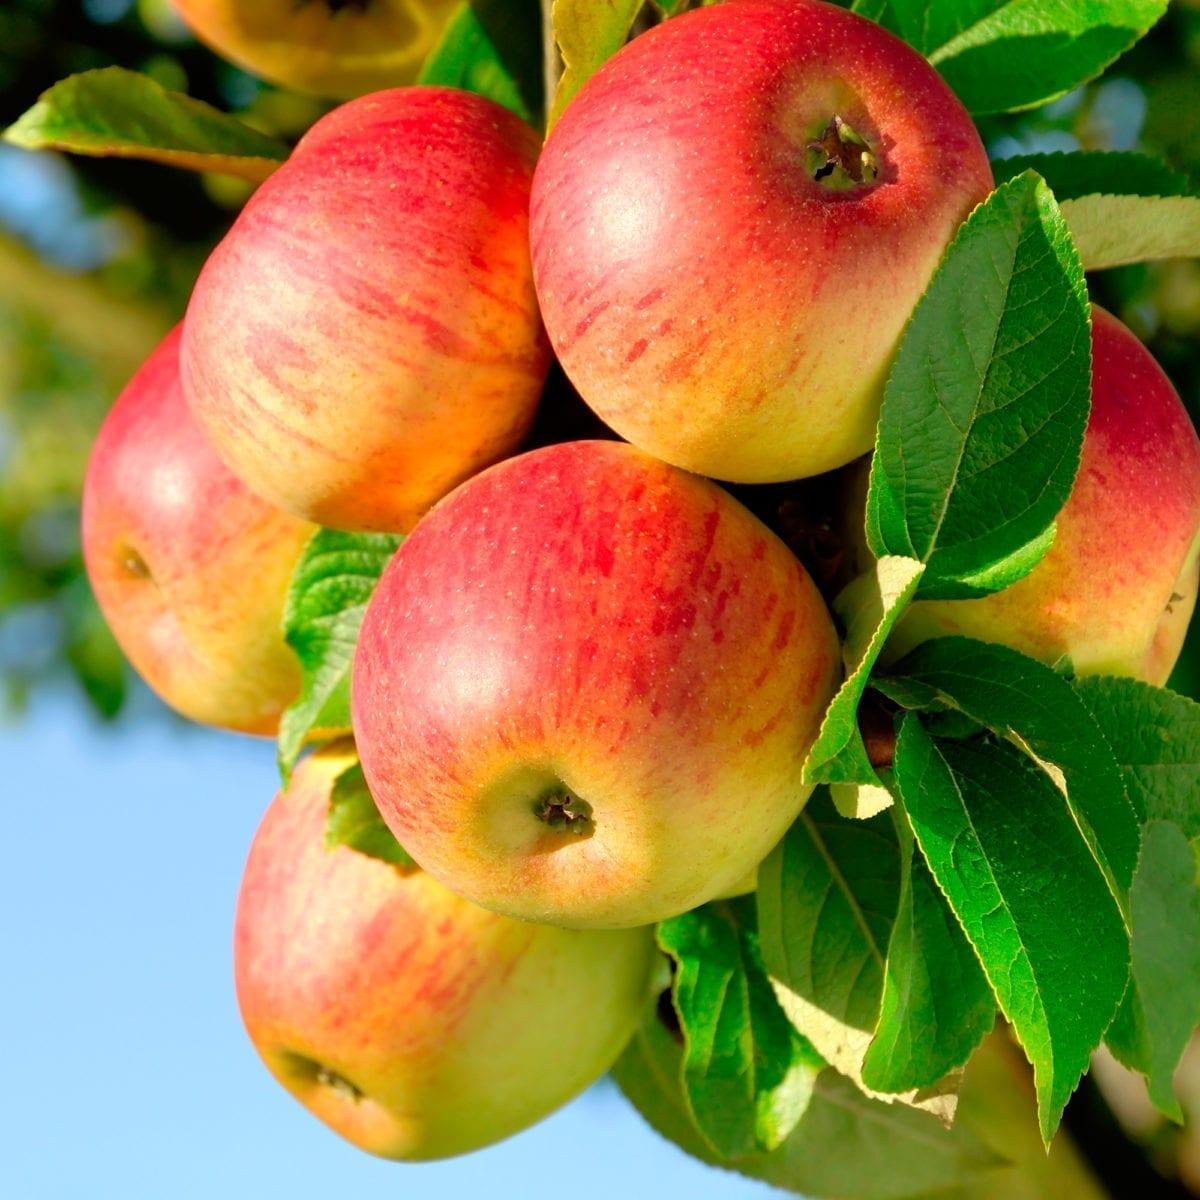 boskoopsefruitbomen | Appels